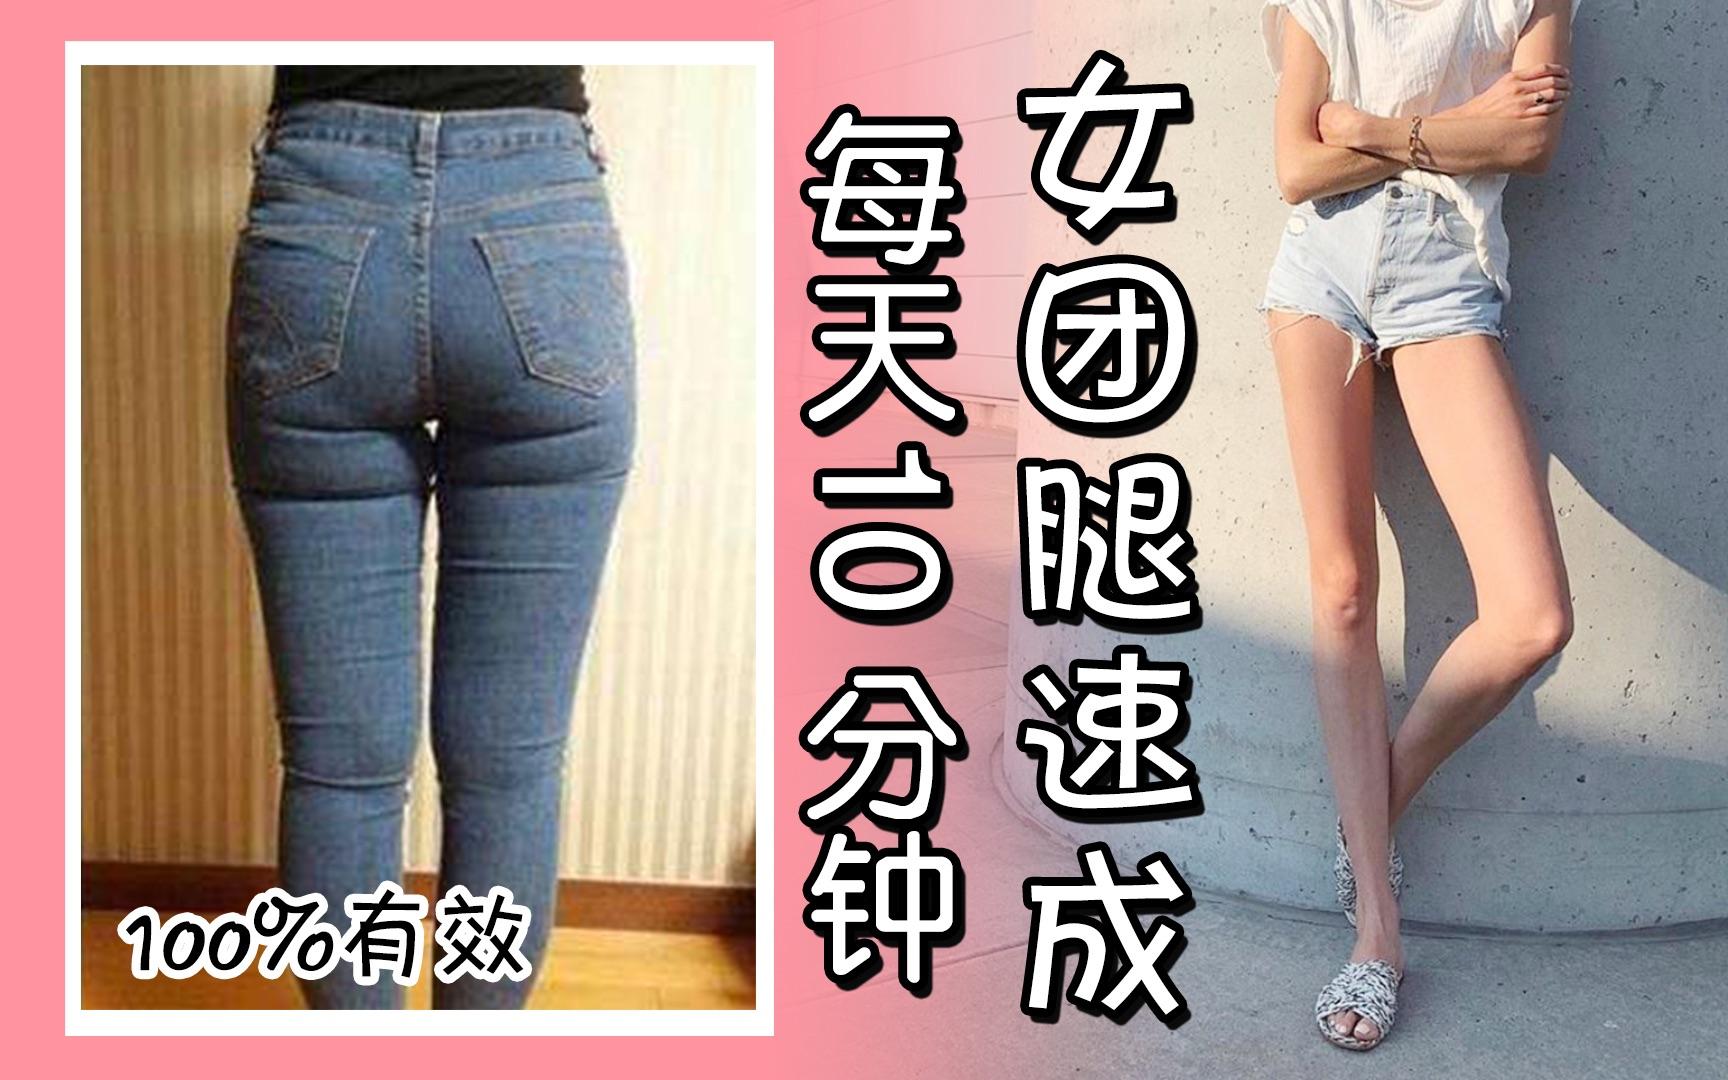 瘦大腿内侧必备攻略,一周见效,女团腿报到!瘦腿提臀,改善假胯宽、脂肪堆积、瘦大腿根塑形视觉增高!